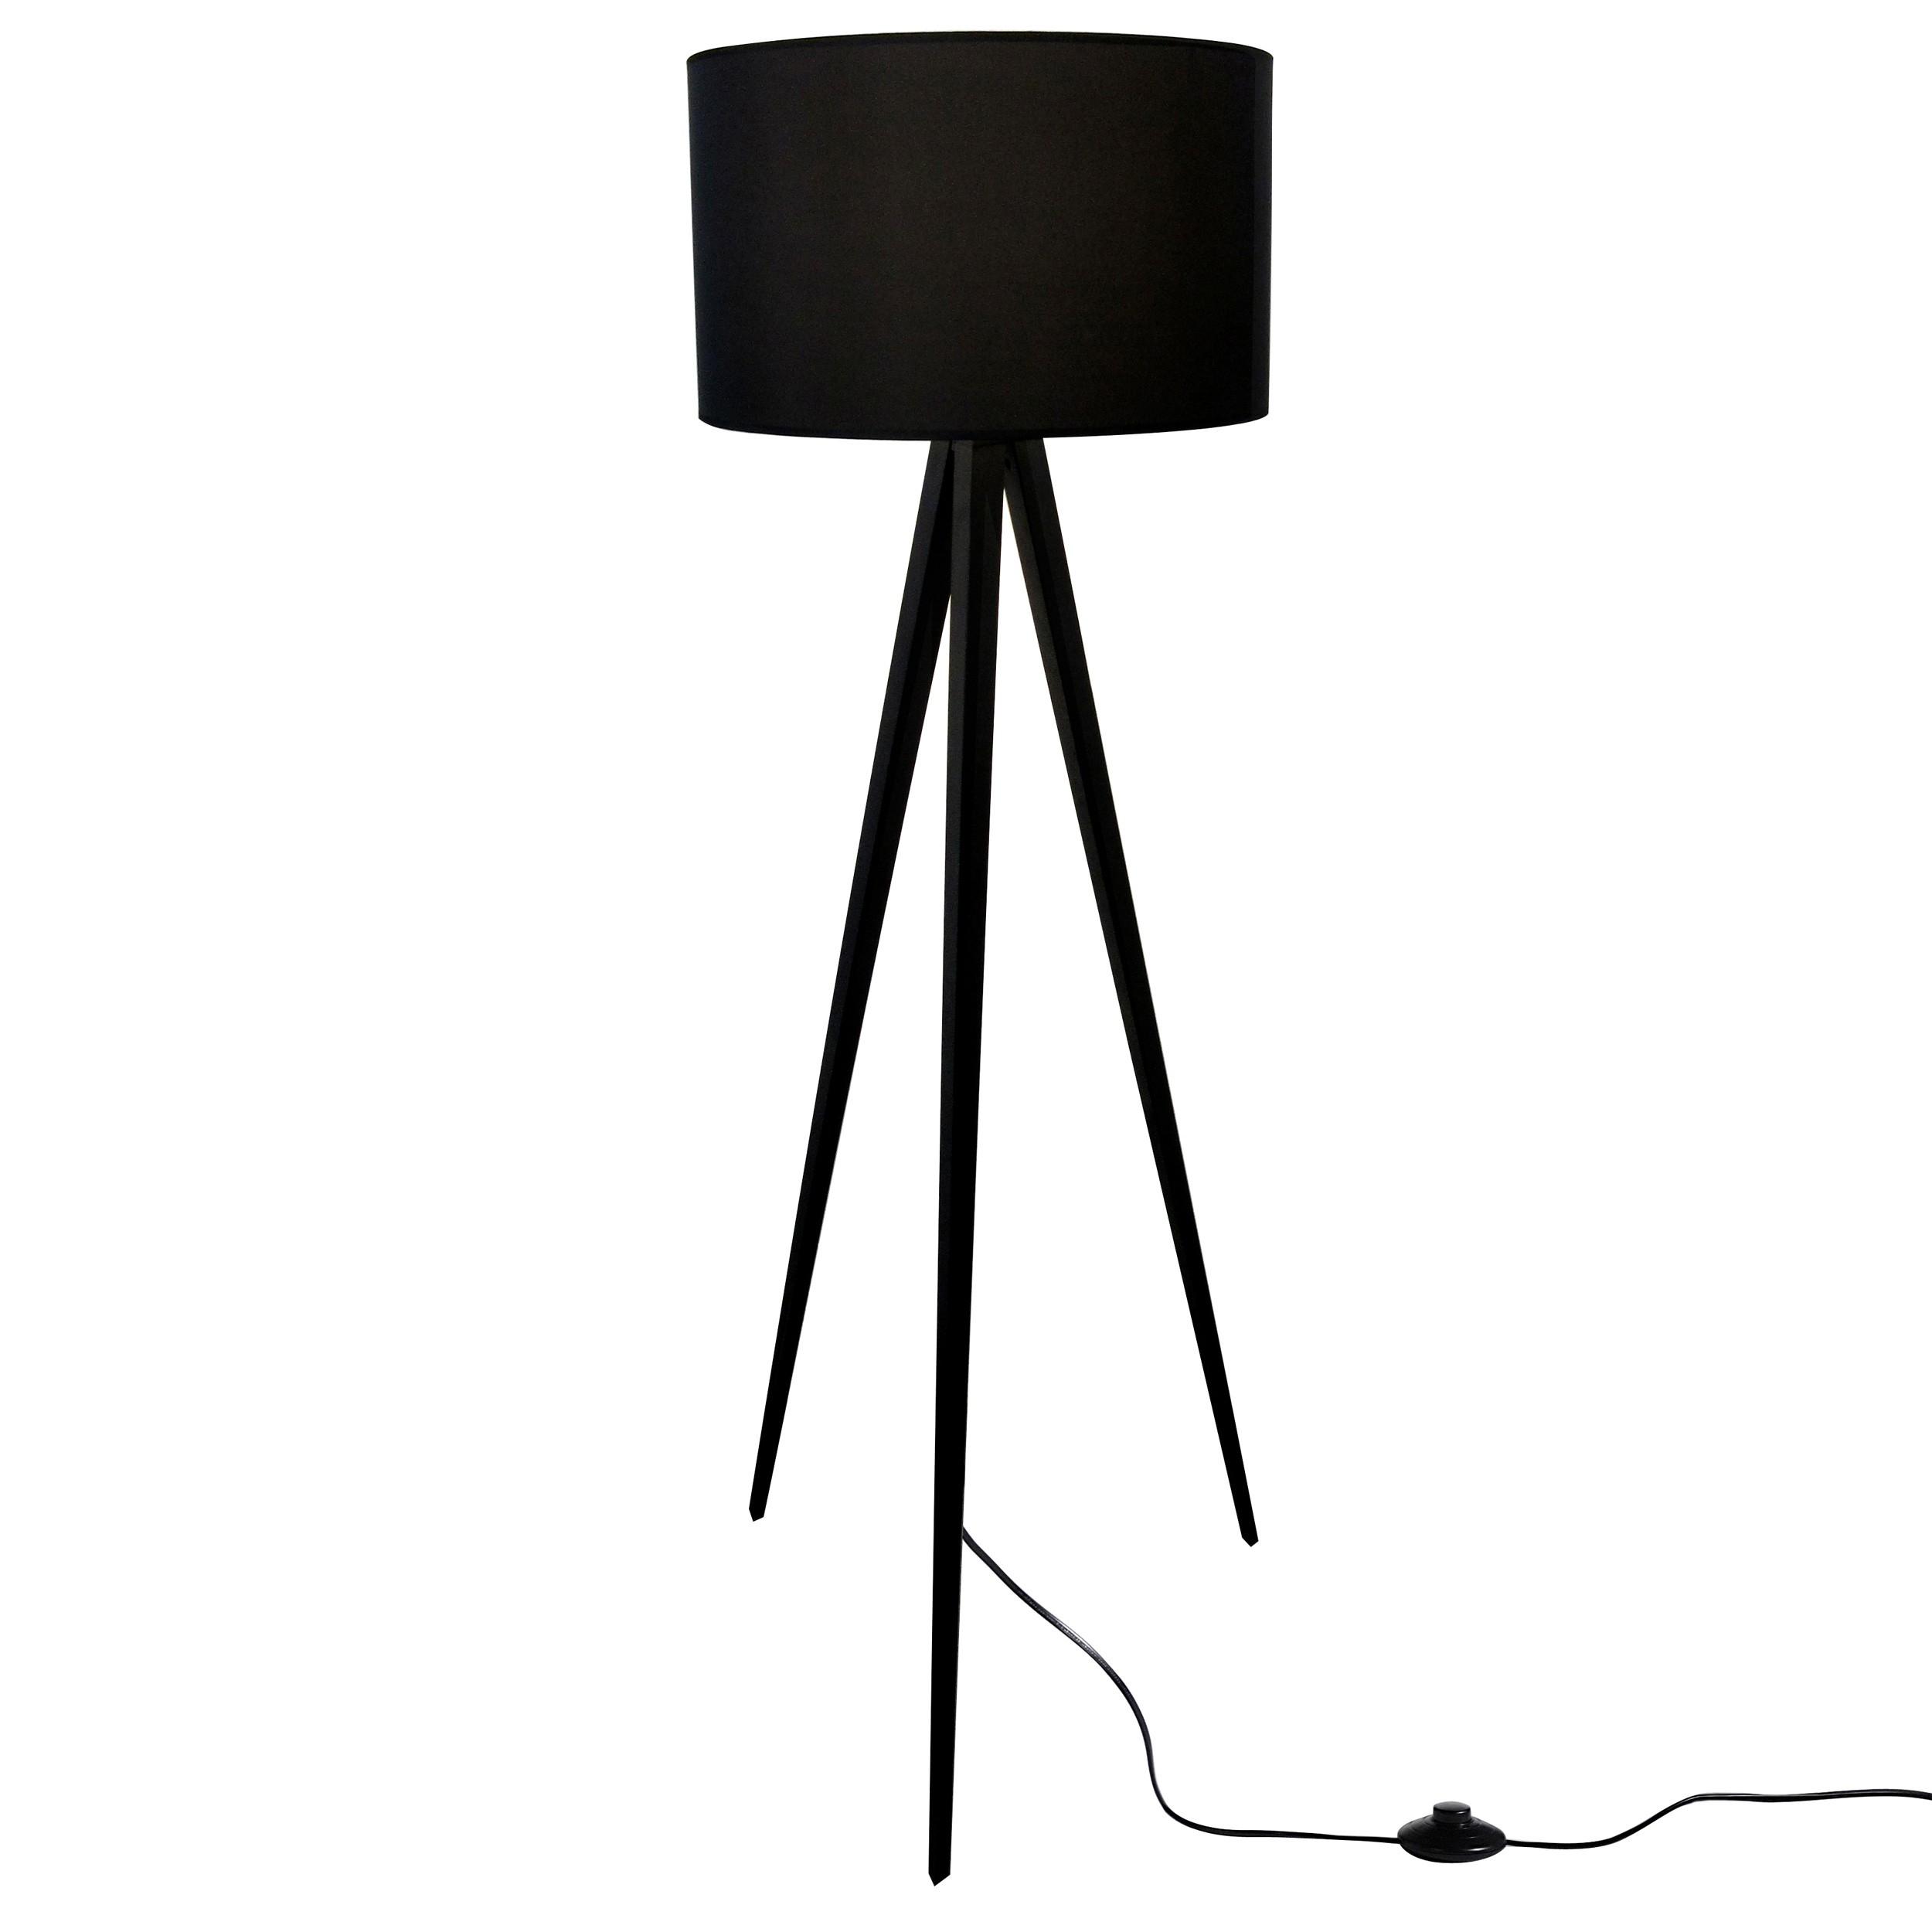 lampadaire tr pied noir commandez les lampadaires tr pied noirs design rdv d co. Black Bedroom Furniture Sets. Home Design Ideas